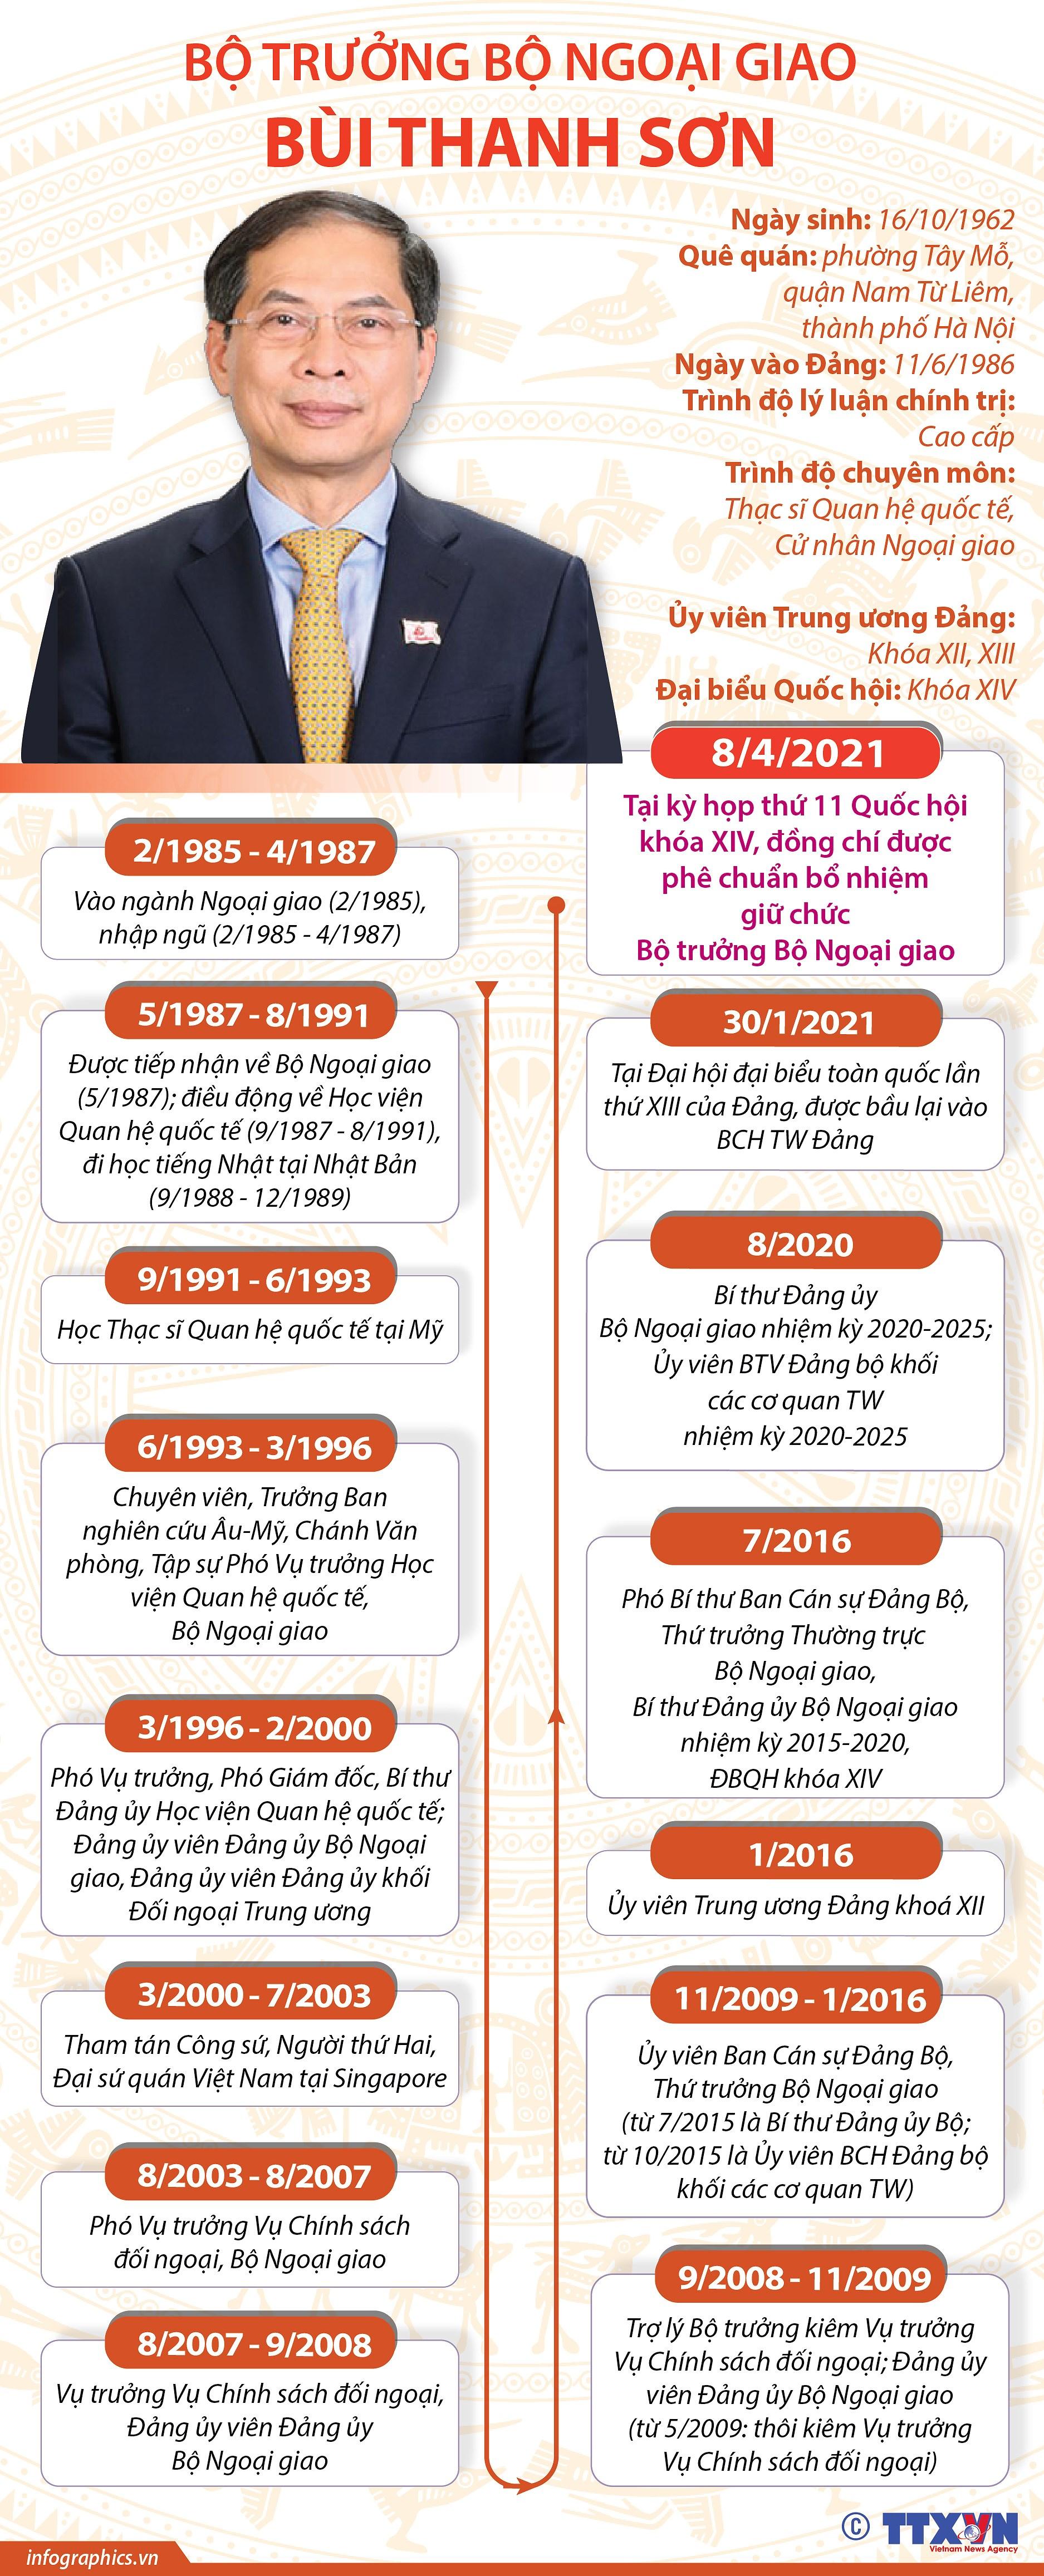 [Infographics] Tieu su Bo truong Bo Ngoai giao Bui Thanh Son hinh anh 1